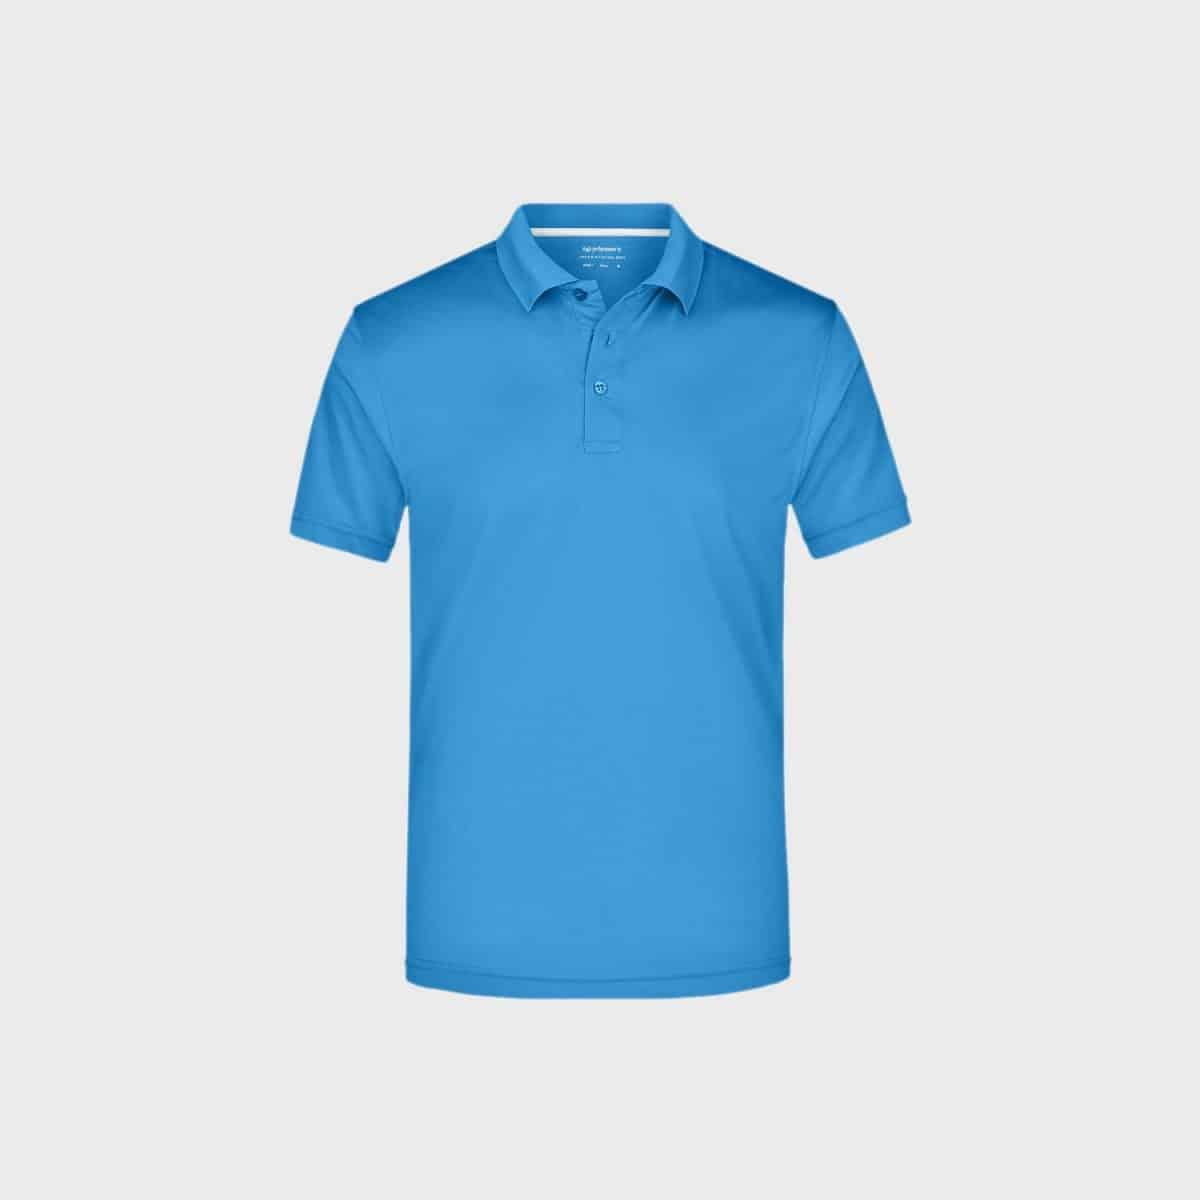 Daiber SportShirts JN401 Azur Front